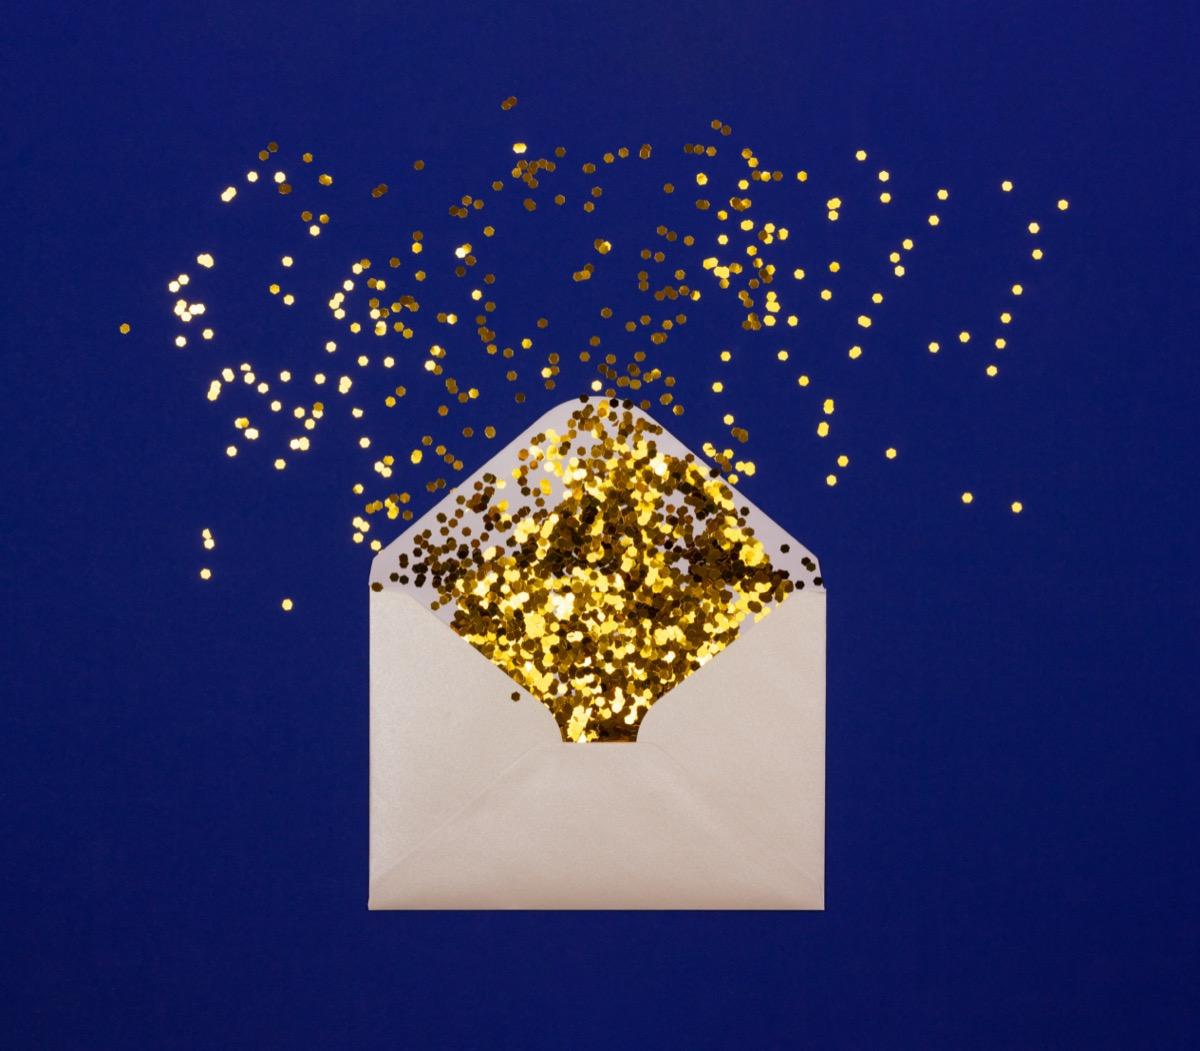 Envelope full of gold glitter against blue background